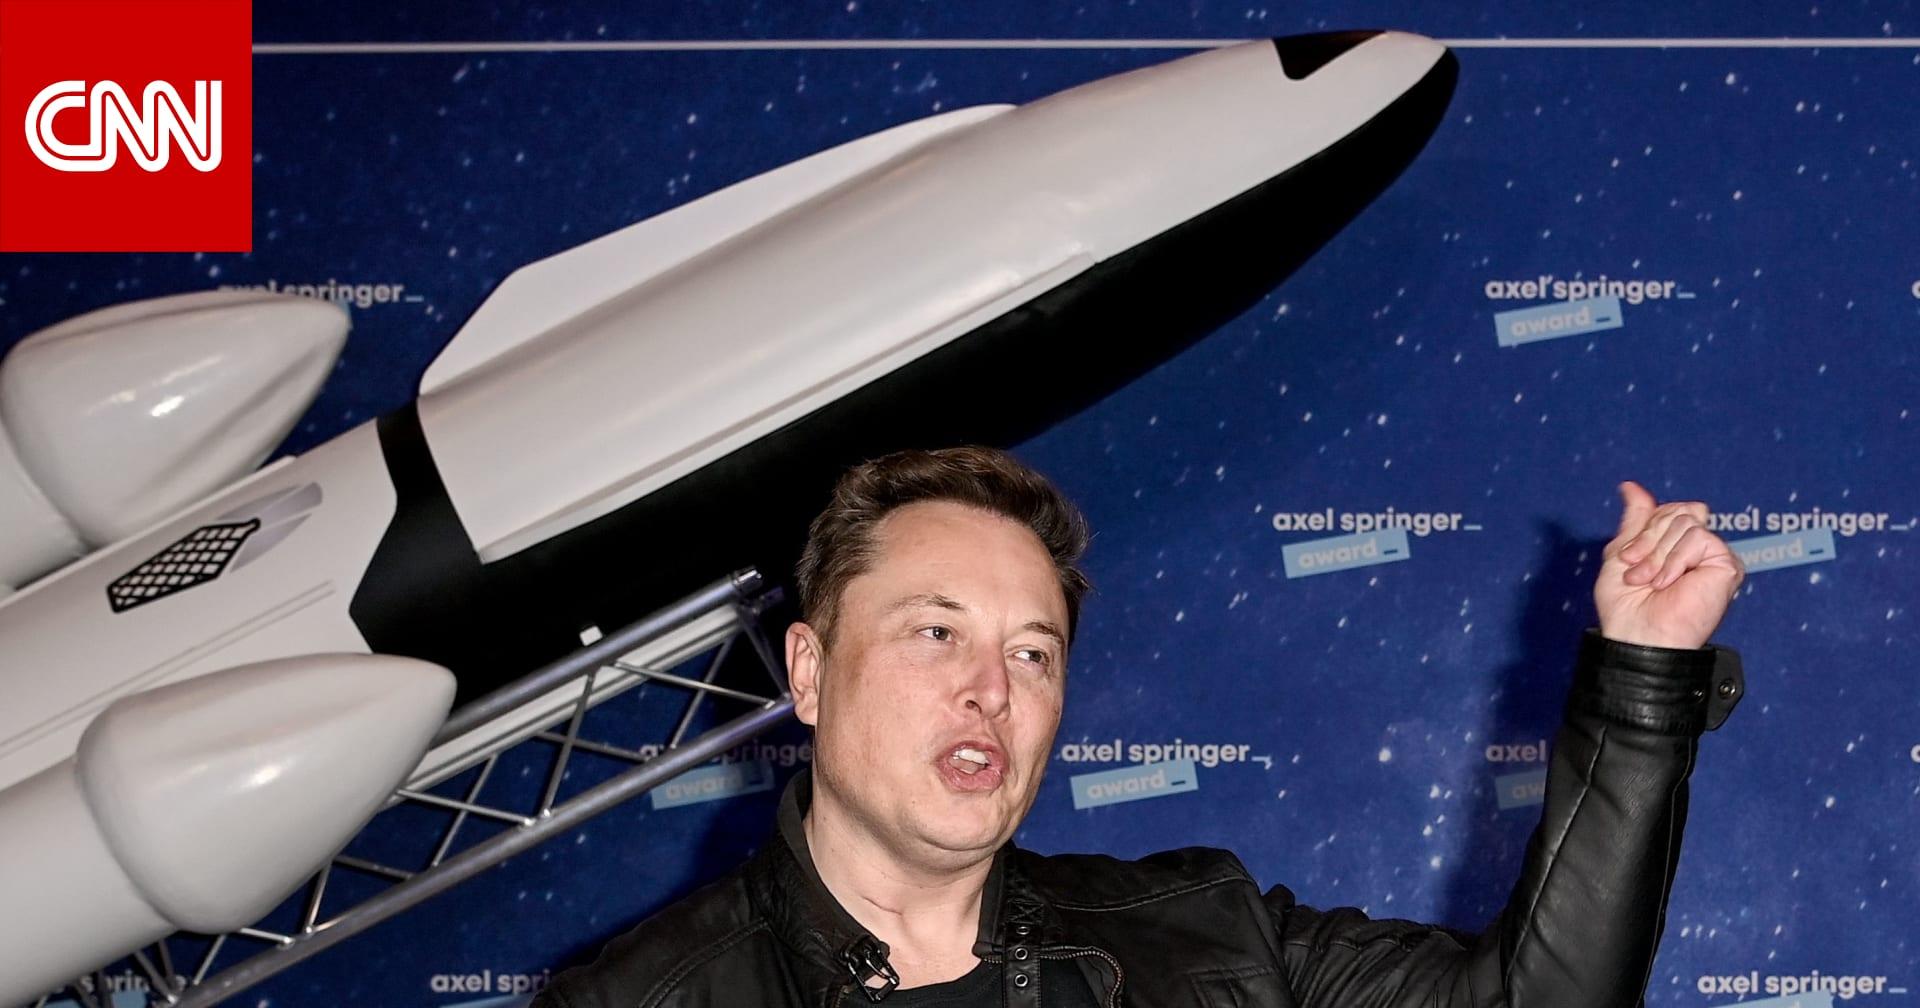 سبيس إكس تفوز بعقد قيمته 2.9 مليار دولار من ناسا لبناء مركبة ستهبط على القمر